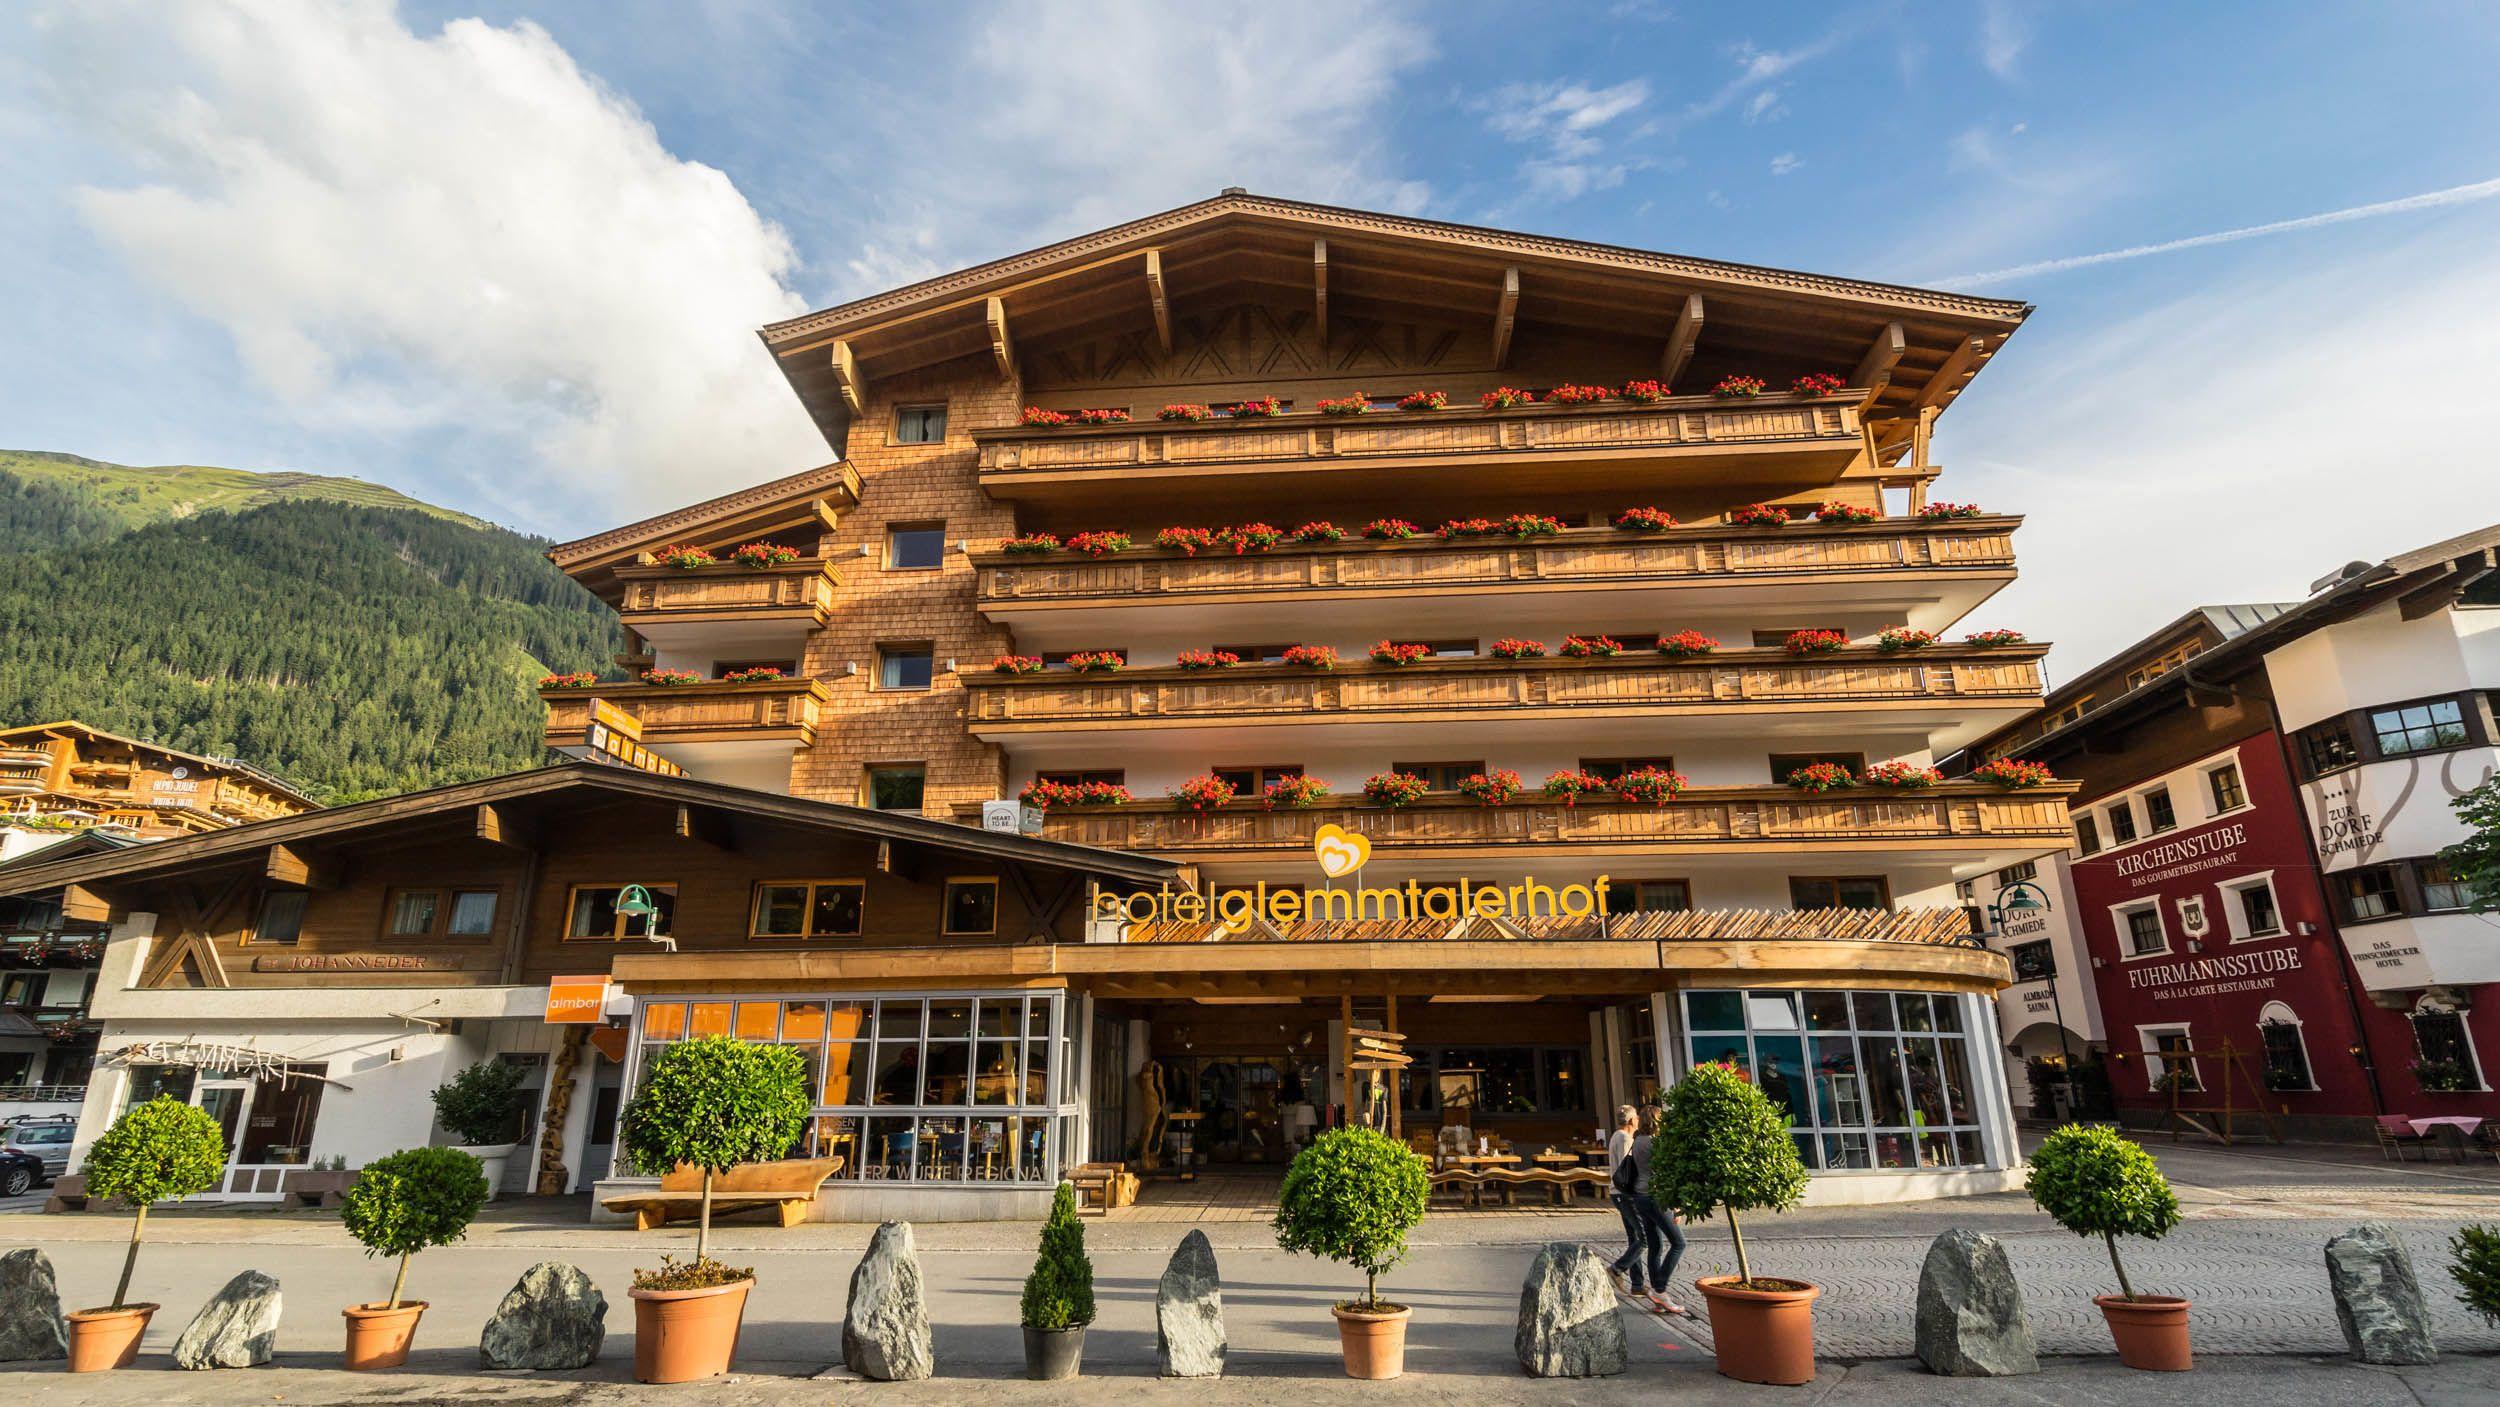 Frontansicht des Hotels Glemmtalerhof